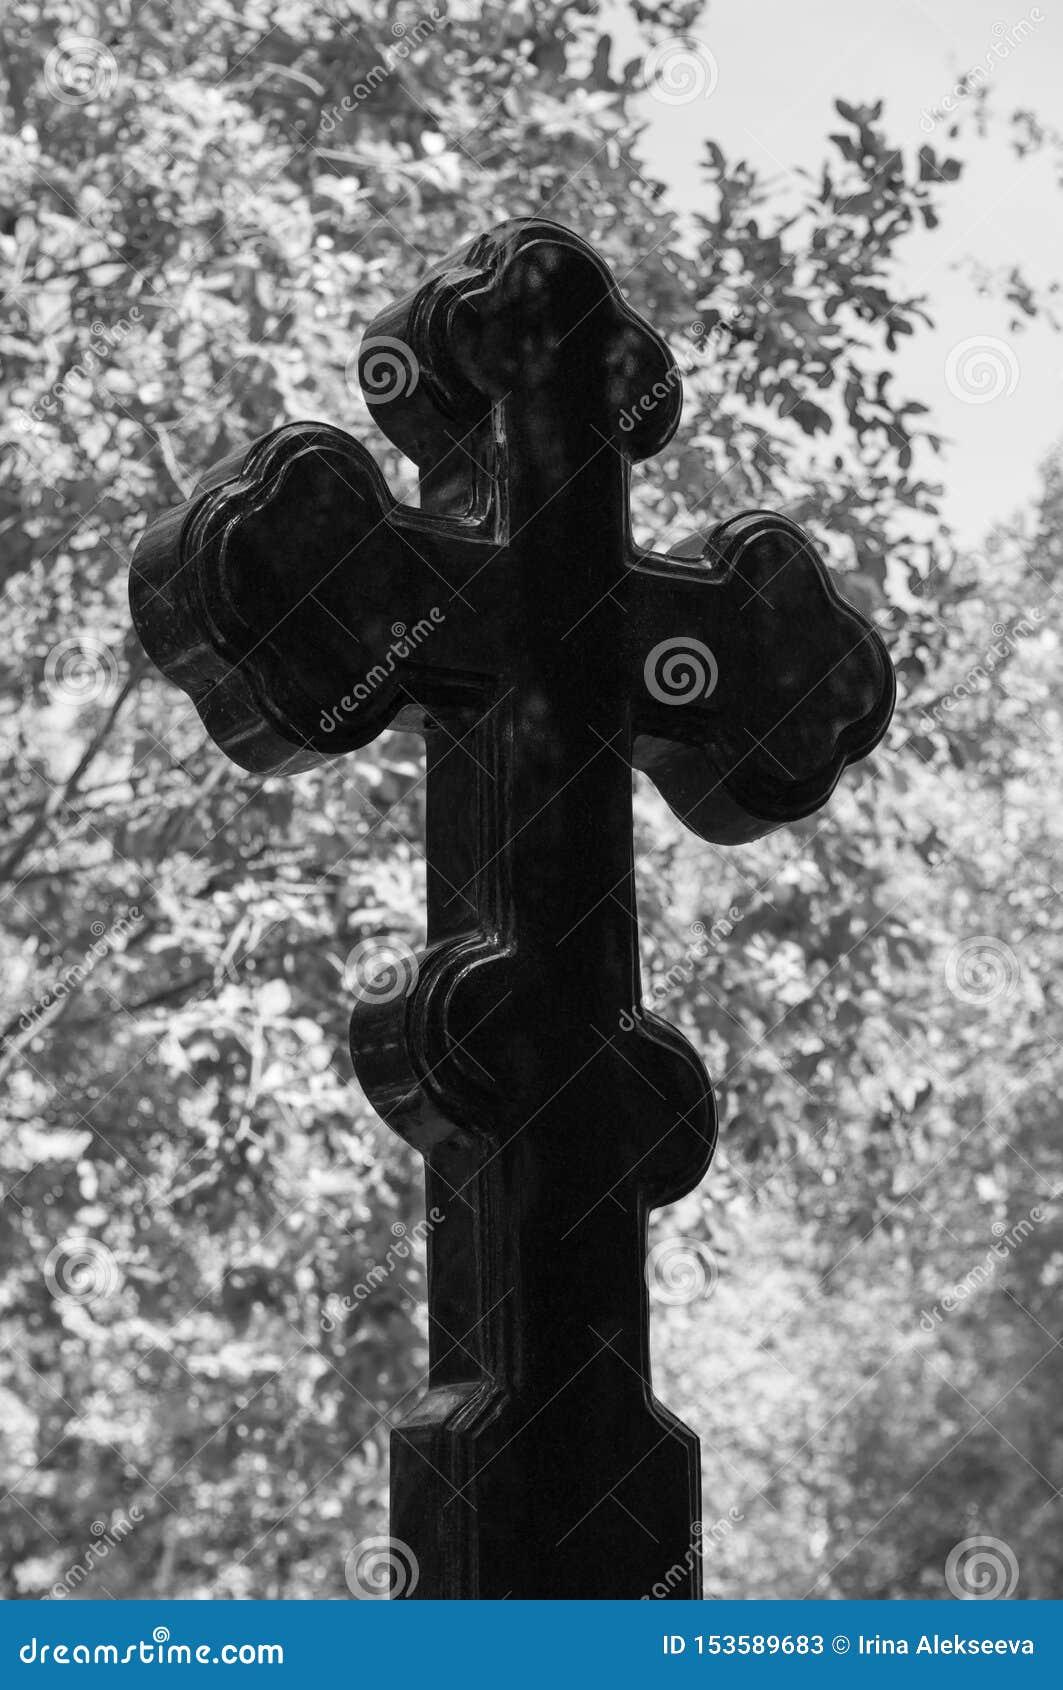 Allvarligt kors av svart granit på bakgrunden av lövverk av träd Begreppet av död, religion, tro Svartvit bild